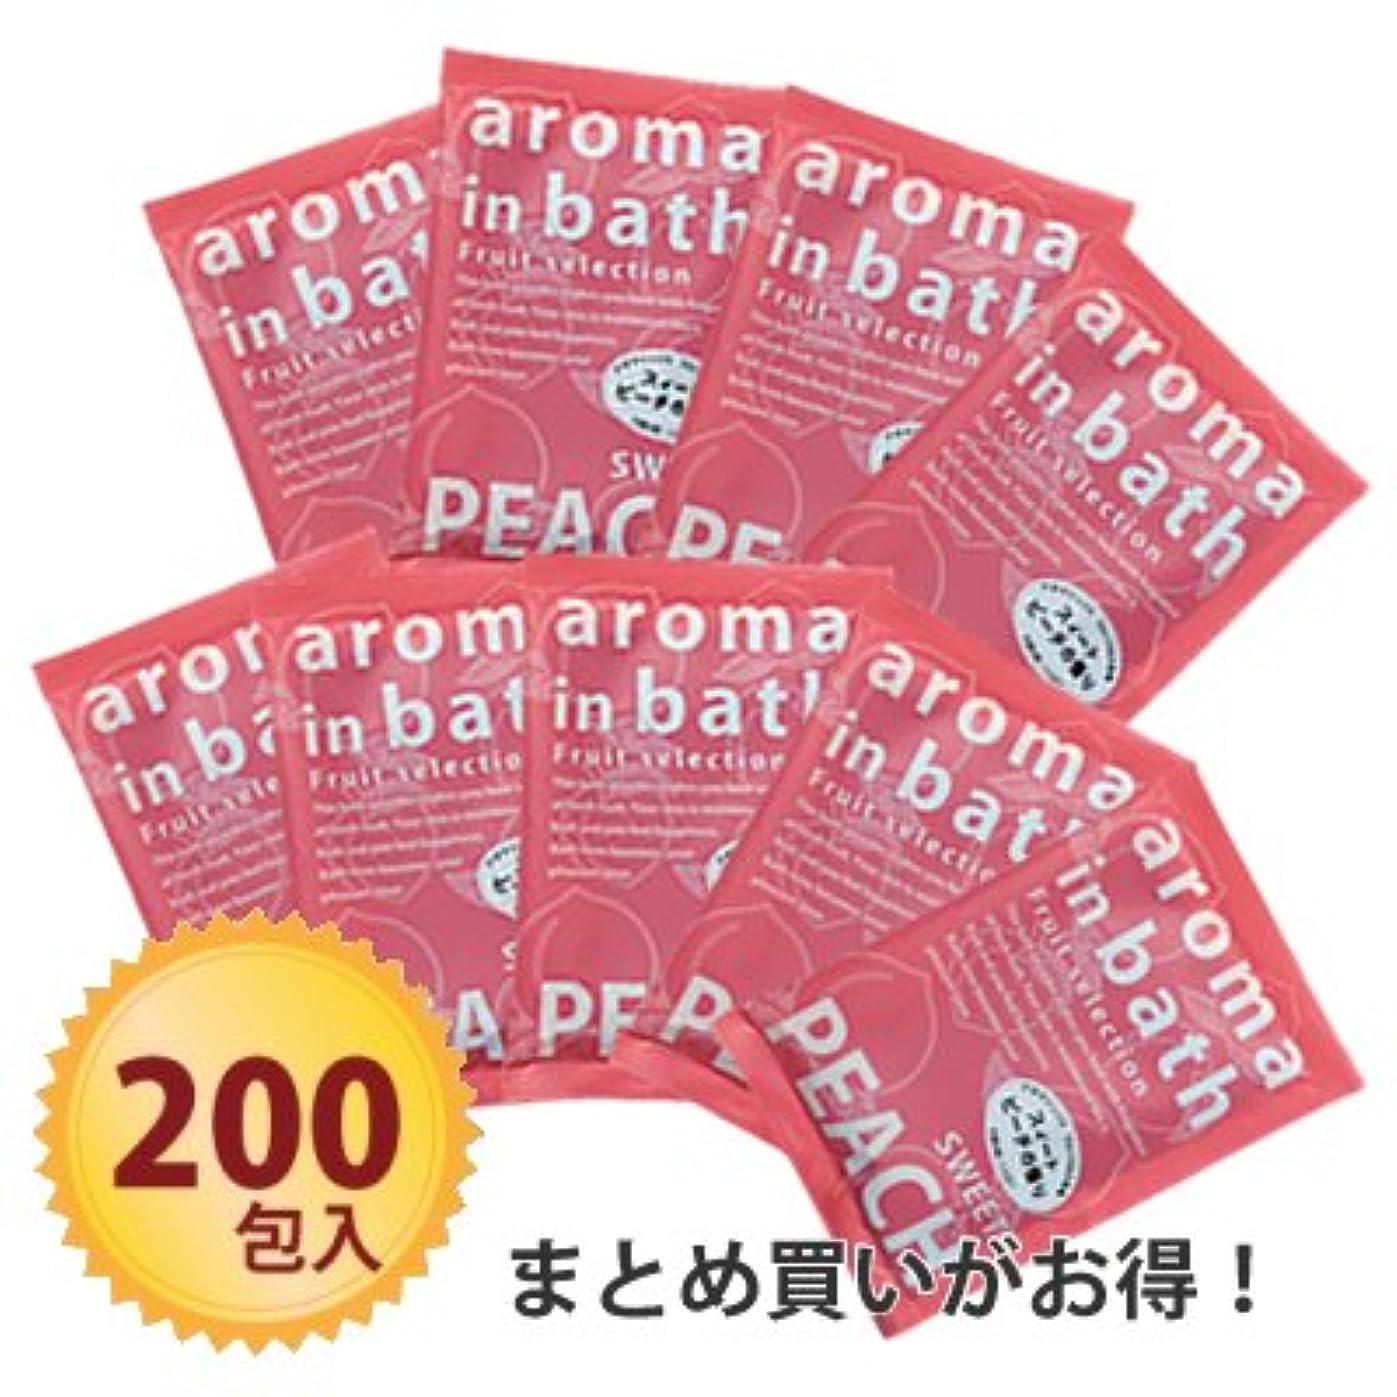 人気泣くパーセント粉体入浴料 アロマインバス25g スイートピーチ ×200個